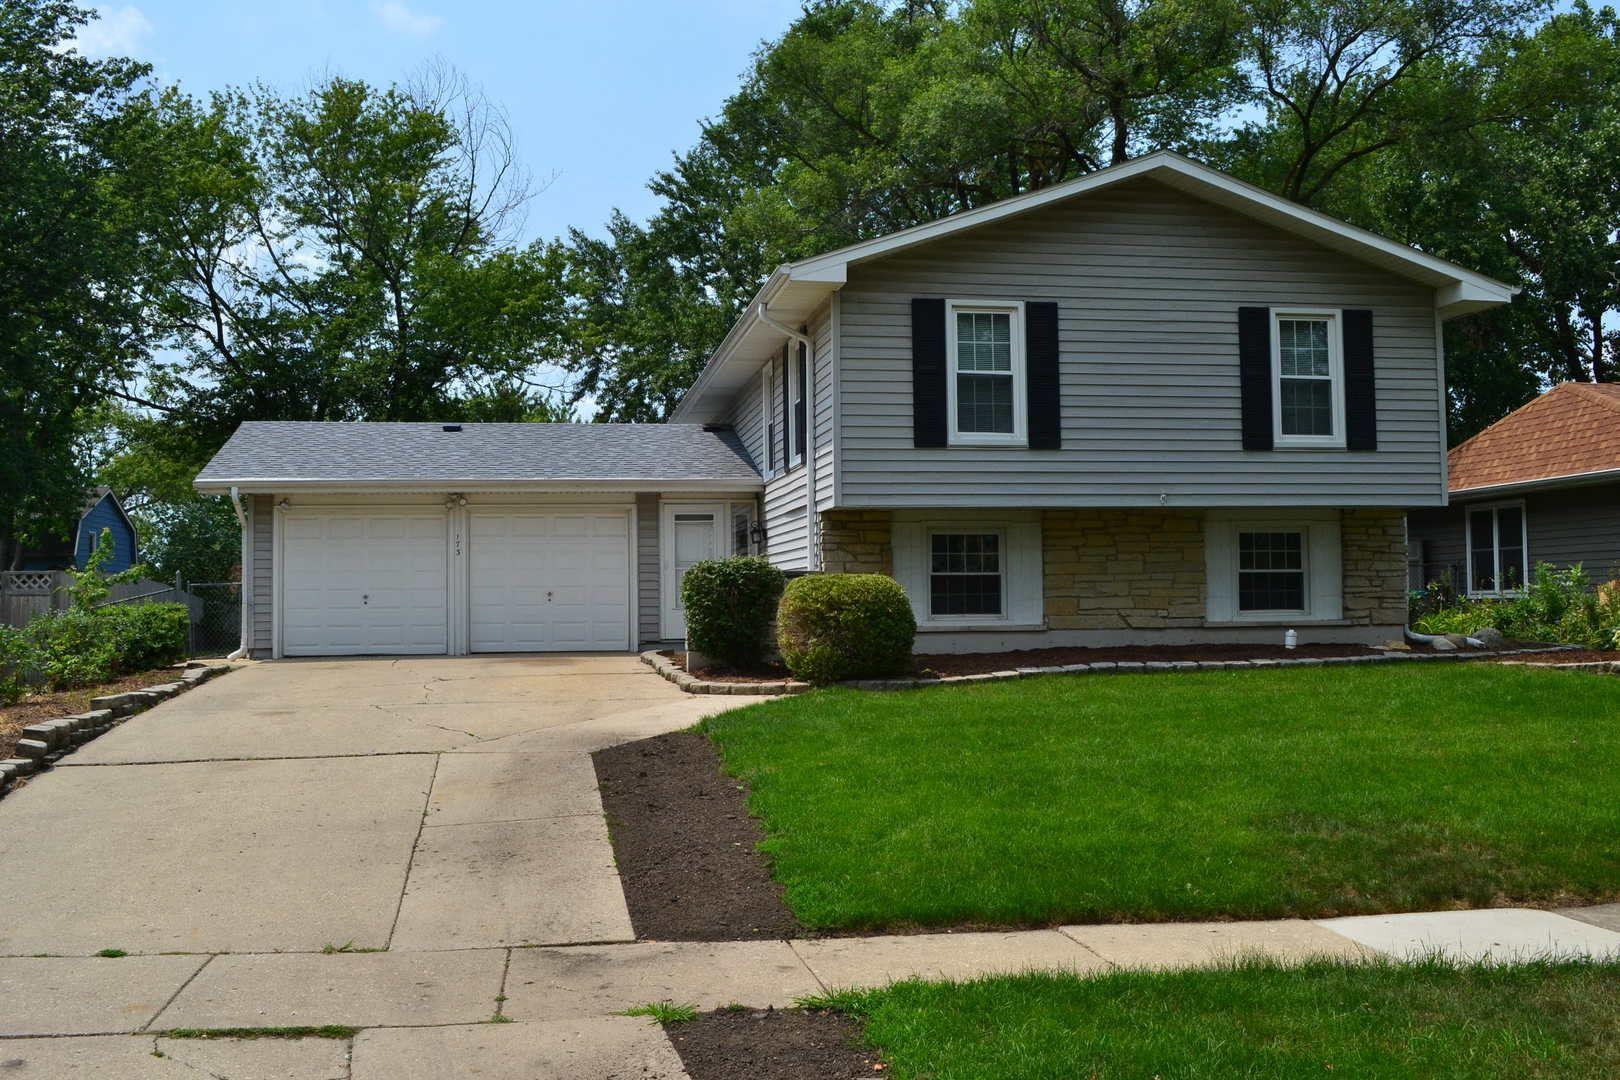 Photo of 173 Mayfield Drive, Bolingbrook, IL 60440 (MLS # 11161543)